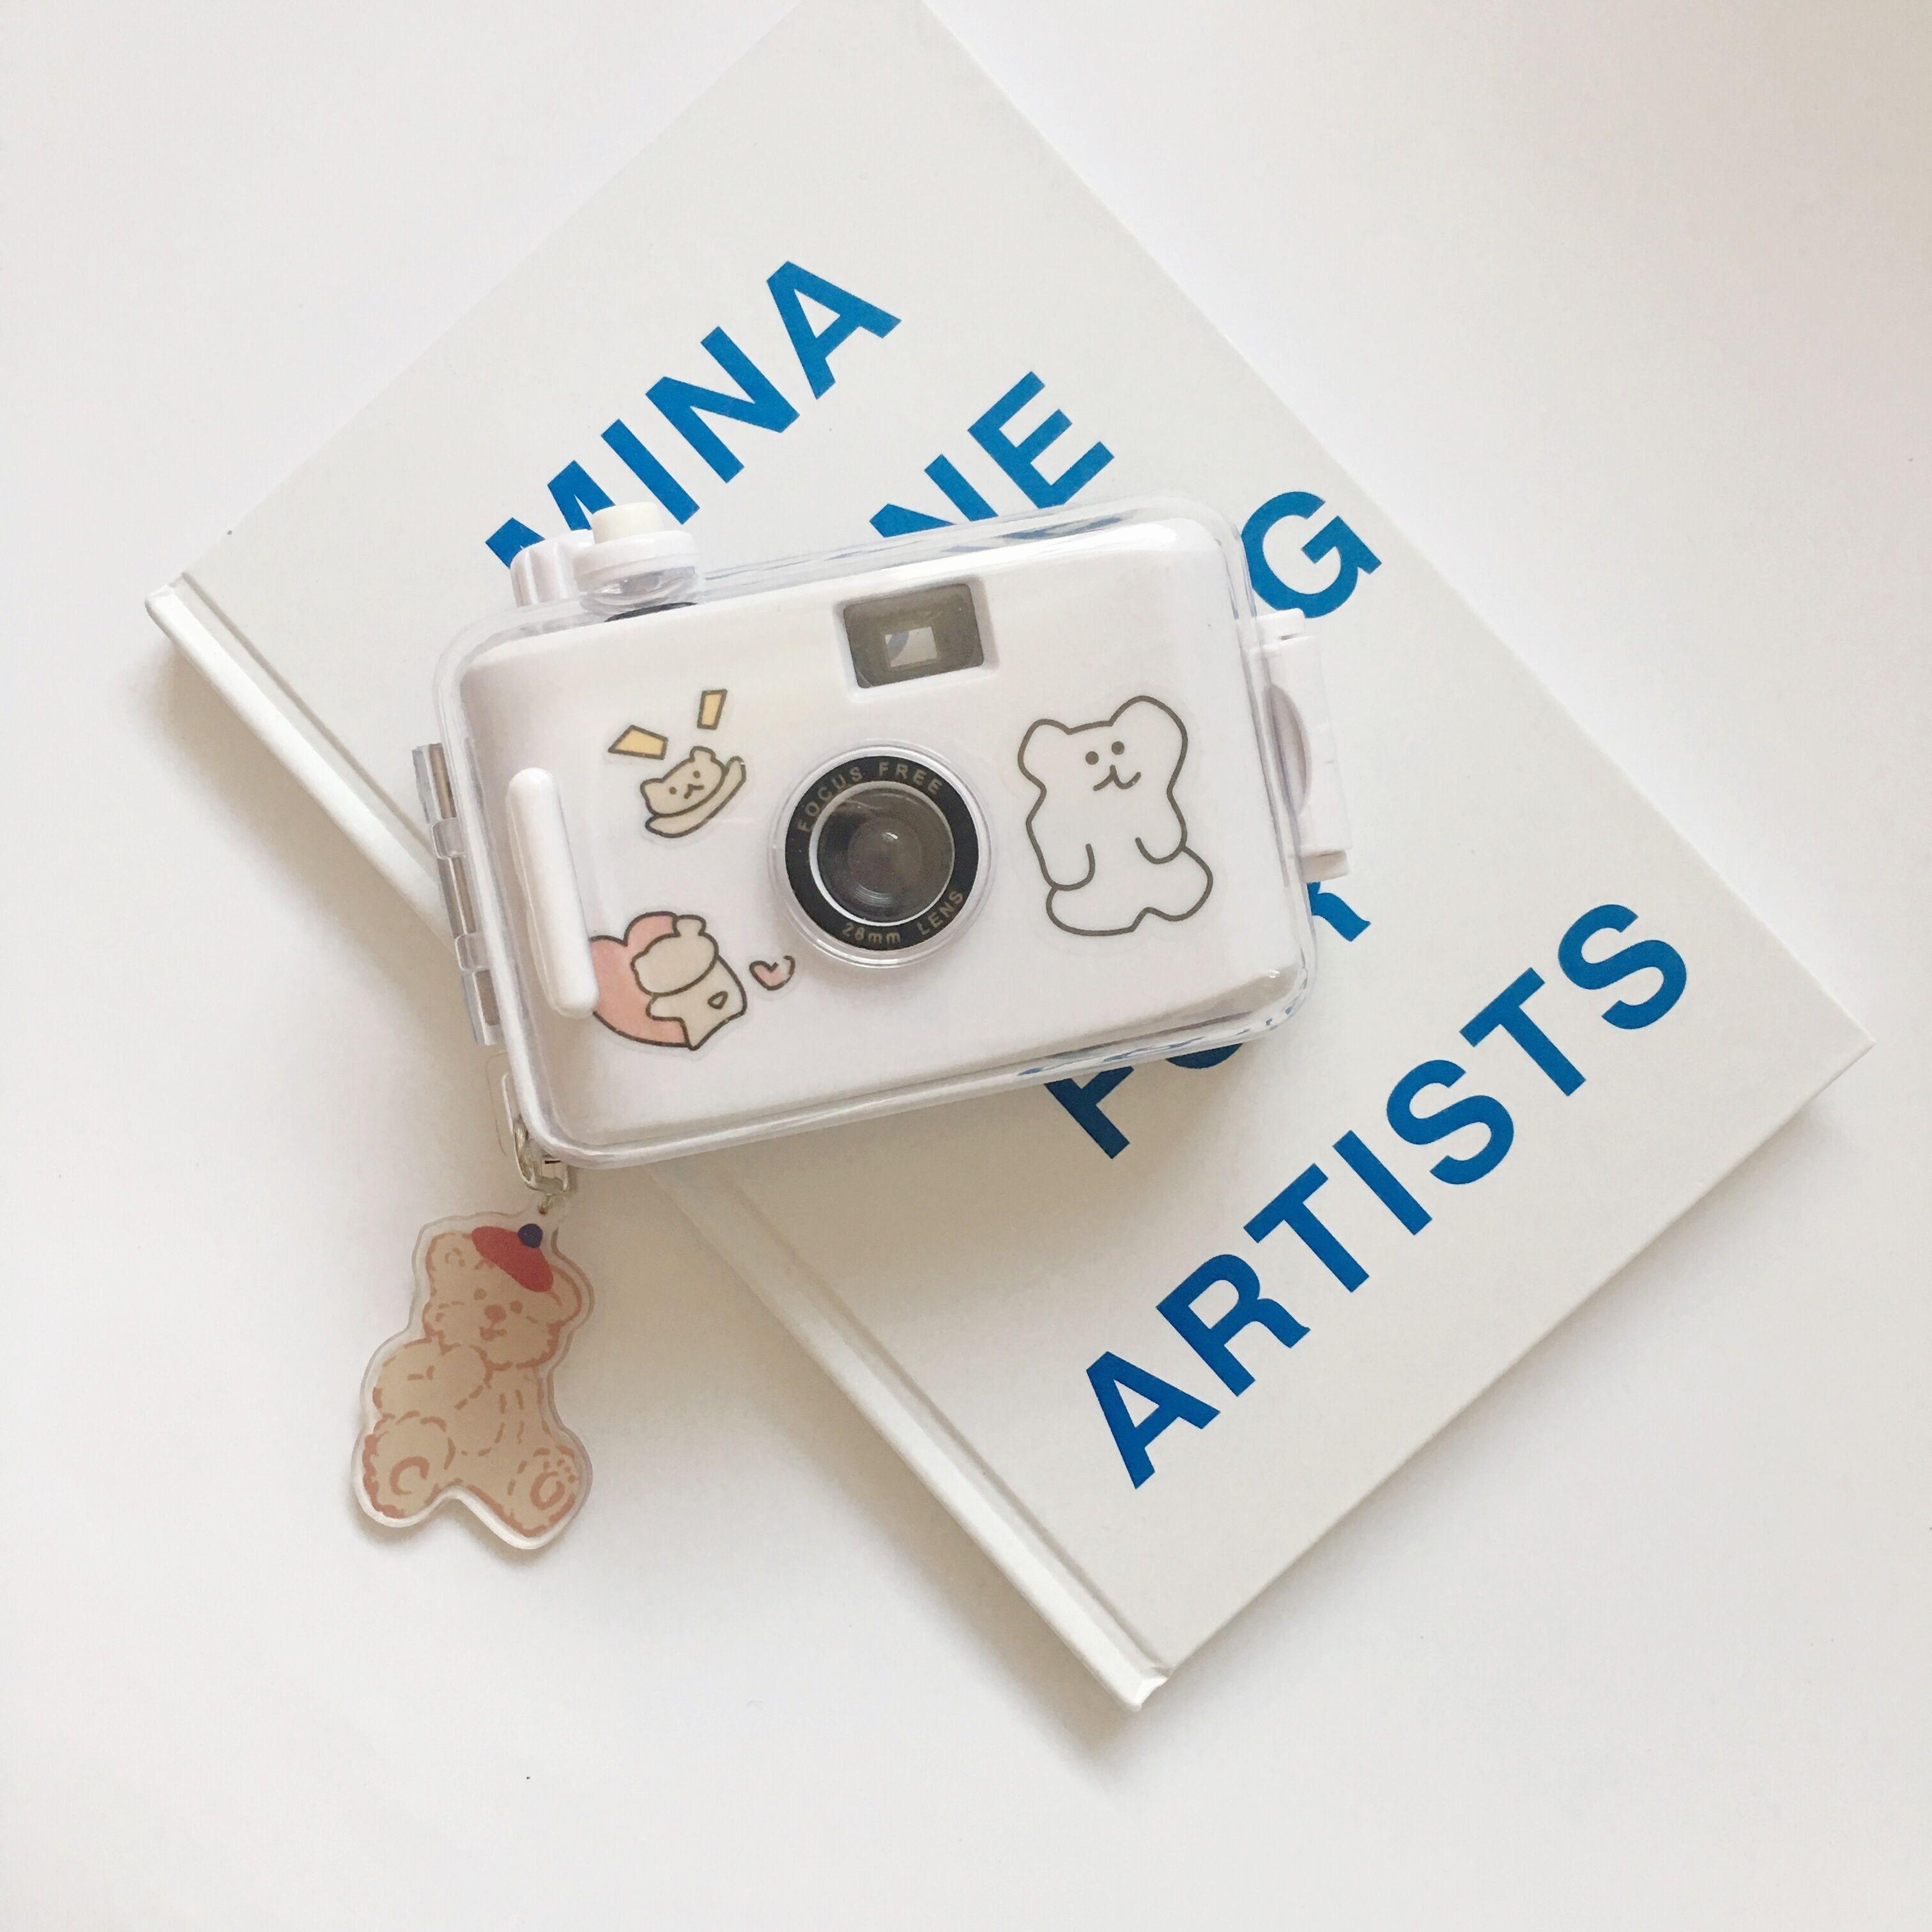 브랜드 일본 레트로 필름 카메라(케이스 필름 스티커 엽서 포함) 즉석카메라, 단일상품